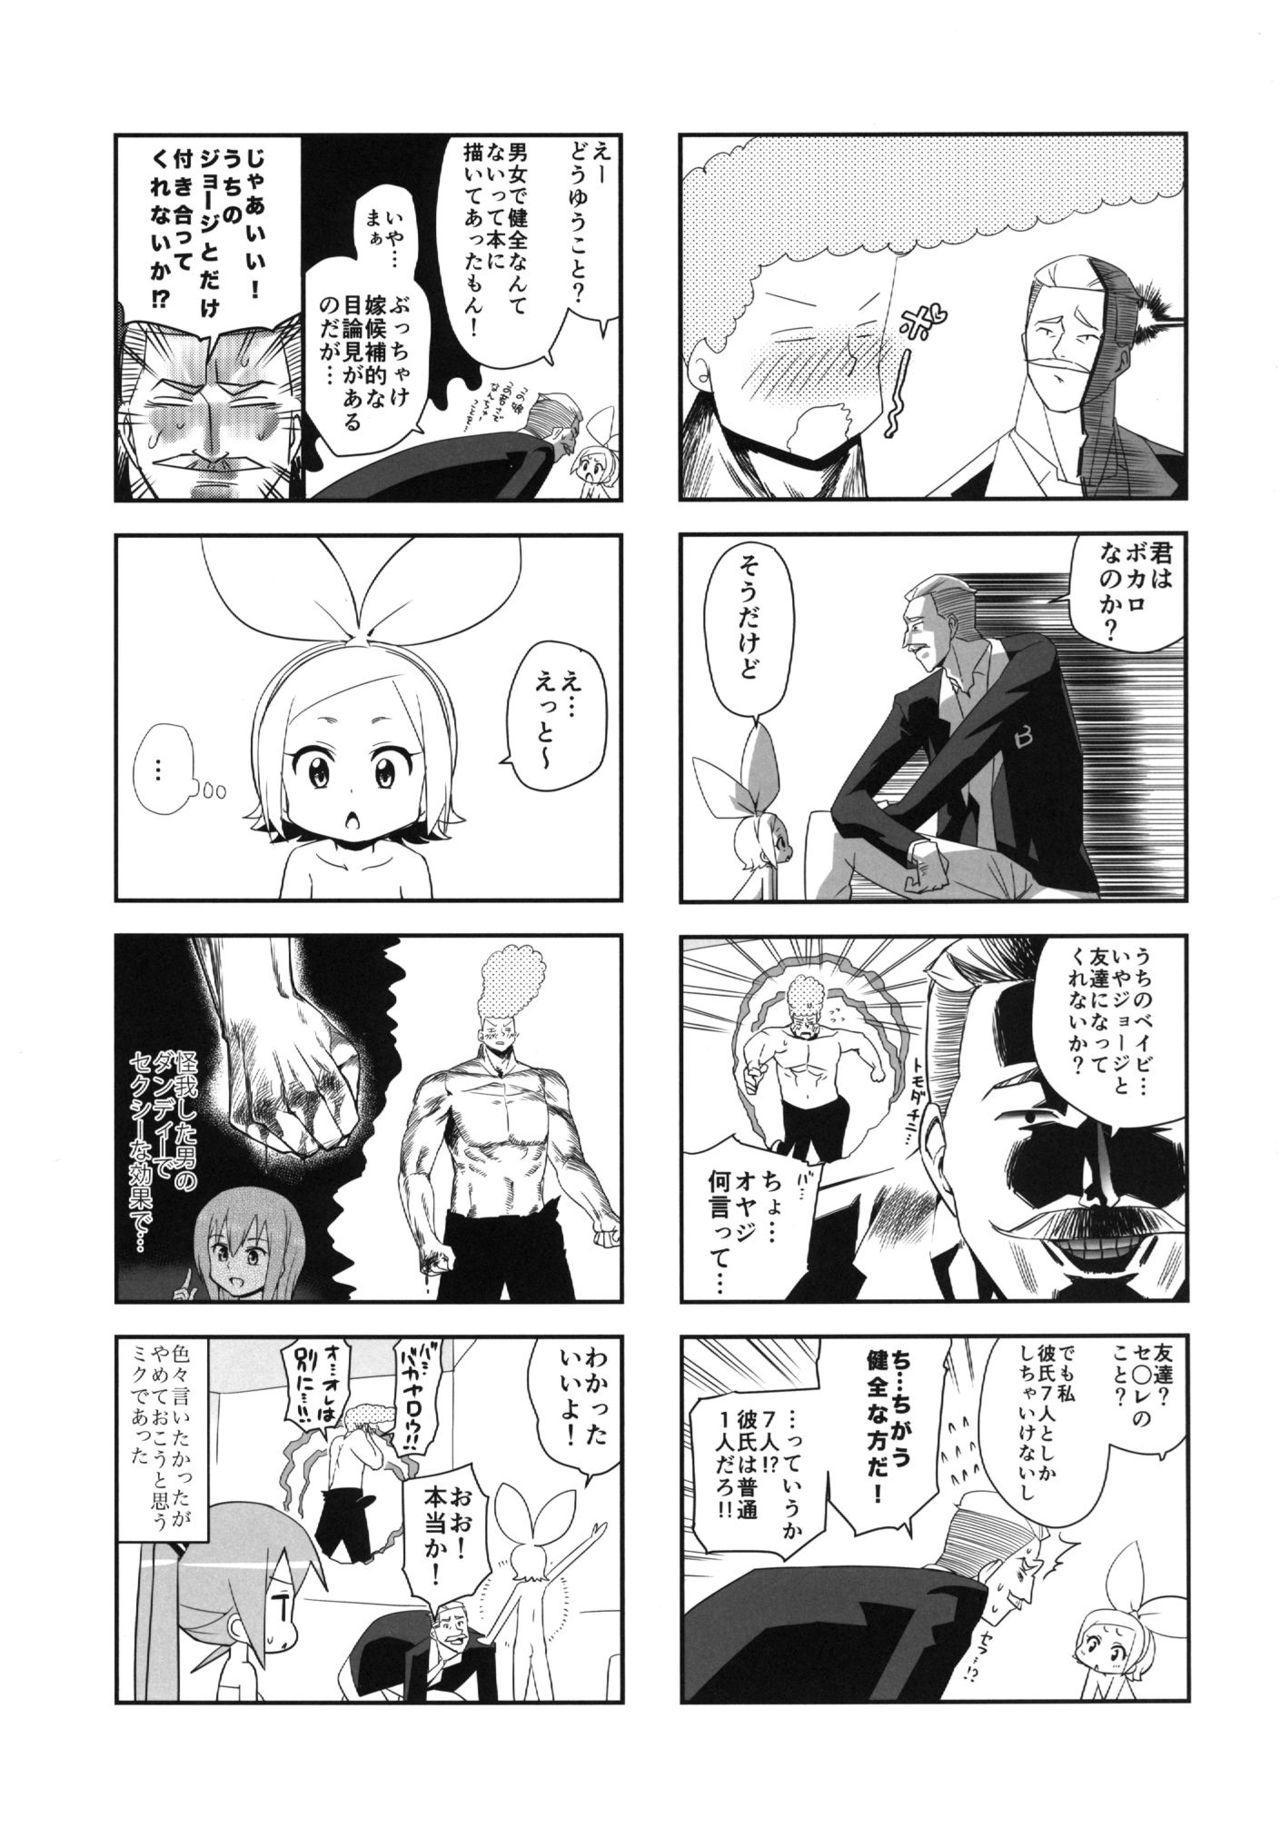 Mikkumiku na Hannou volume. 5 45